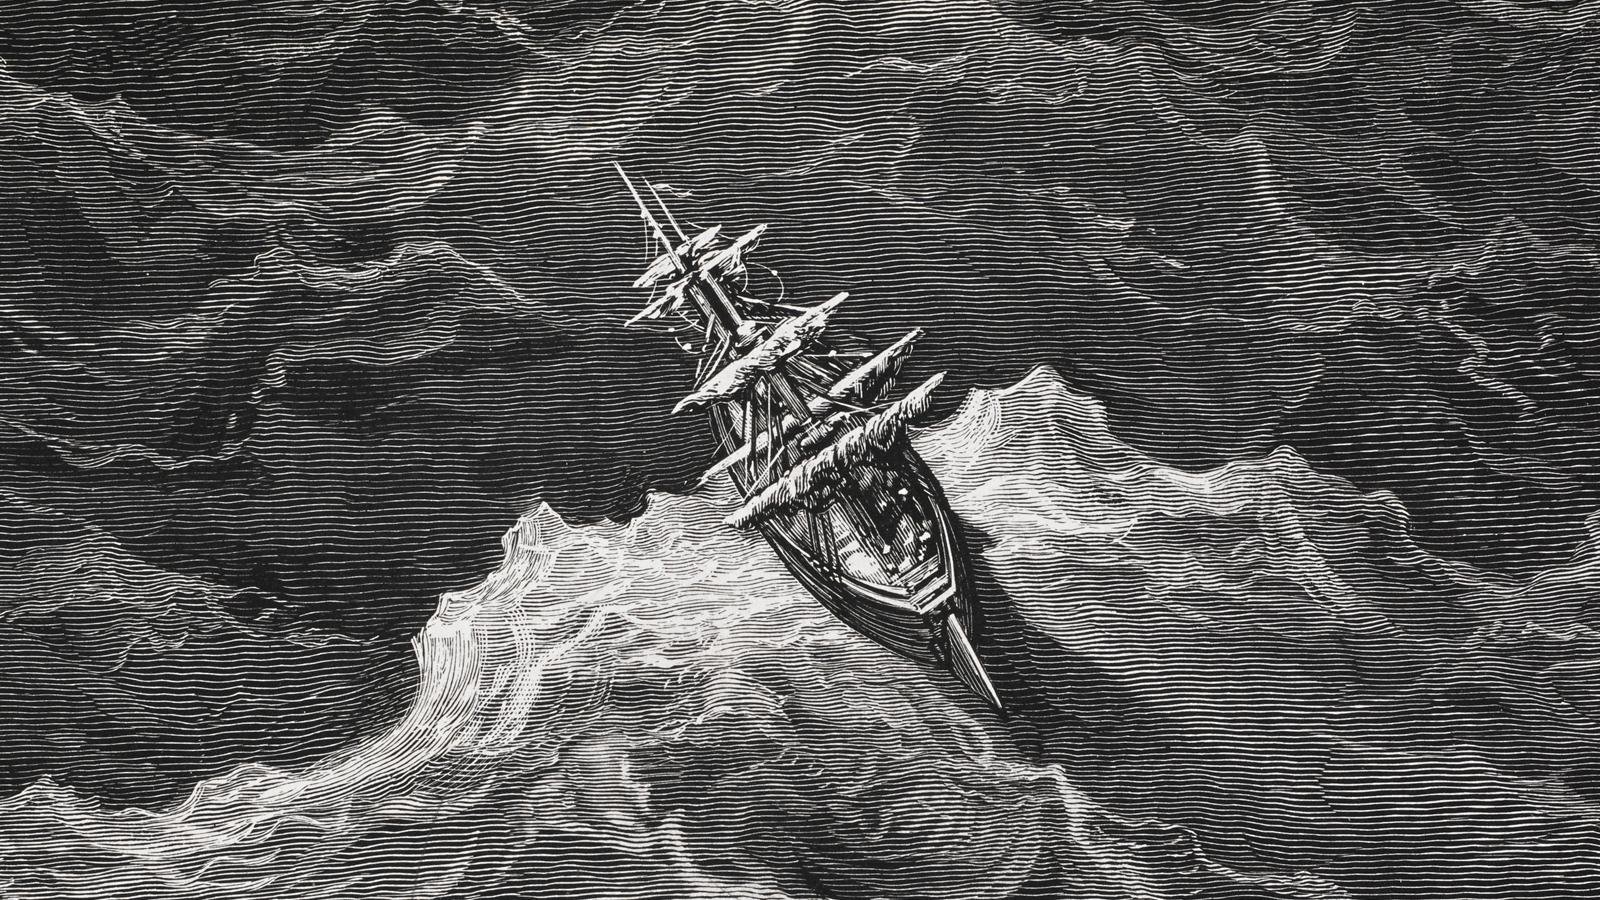 La ballata del vecchio marinaio di Samuel Taylor Coleridge